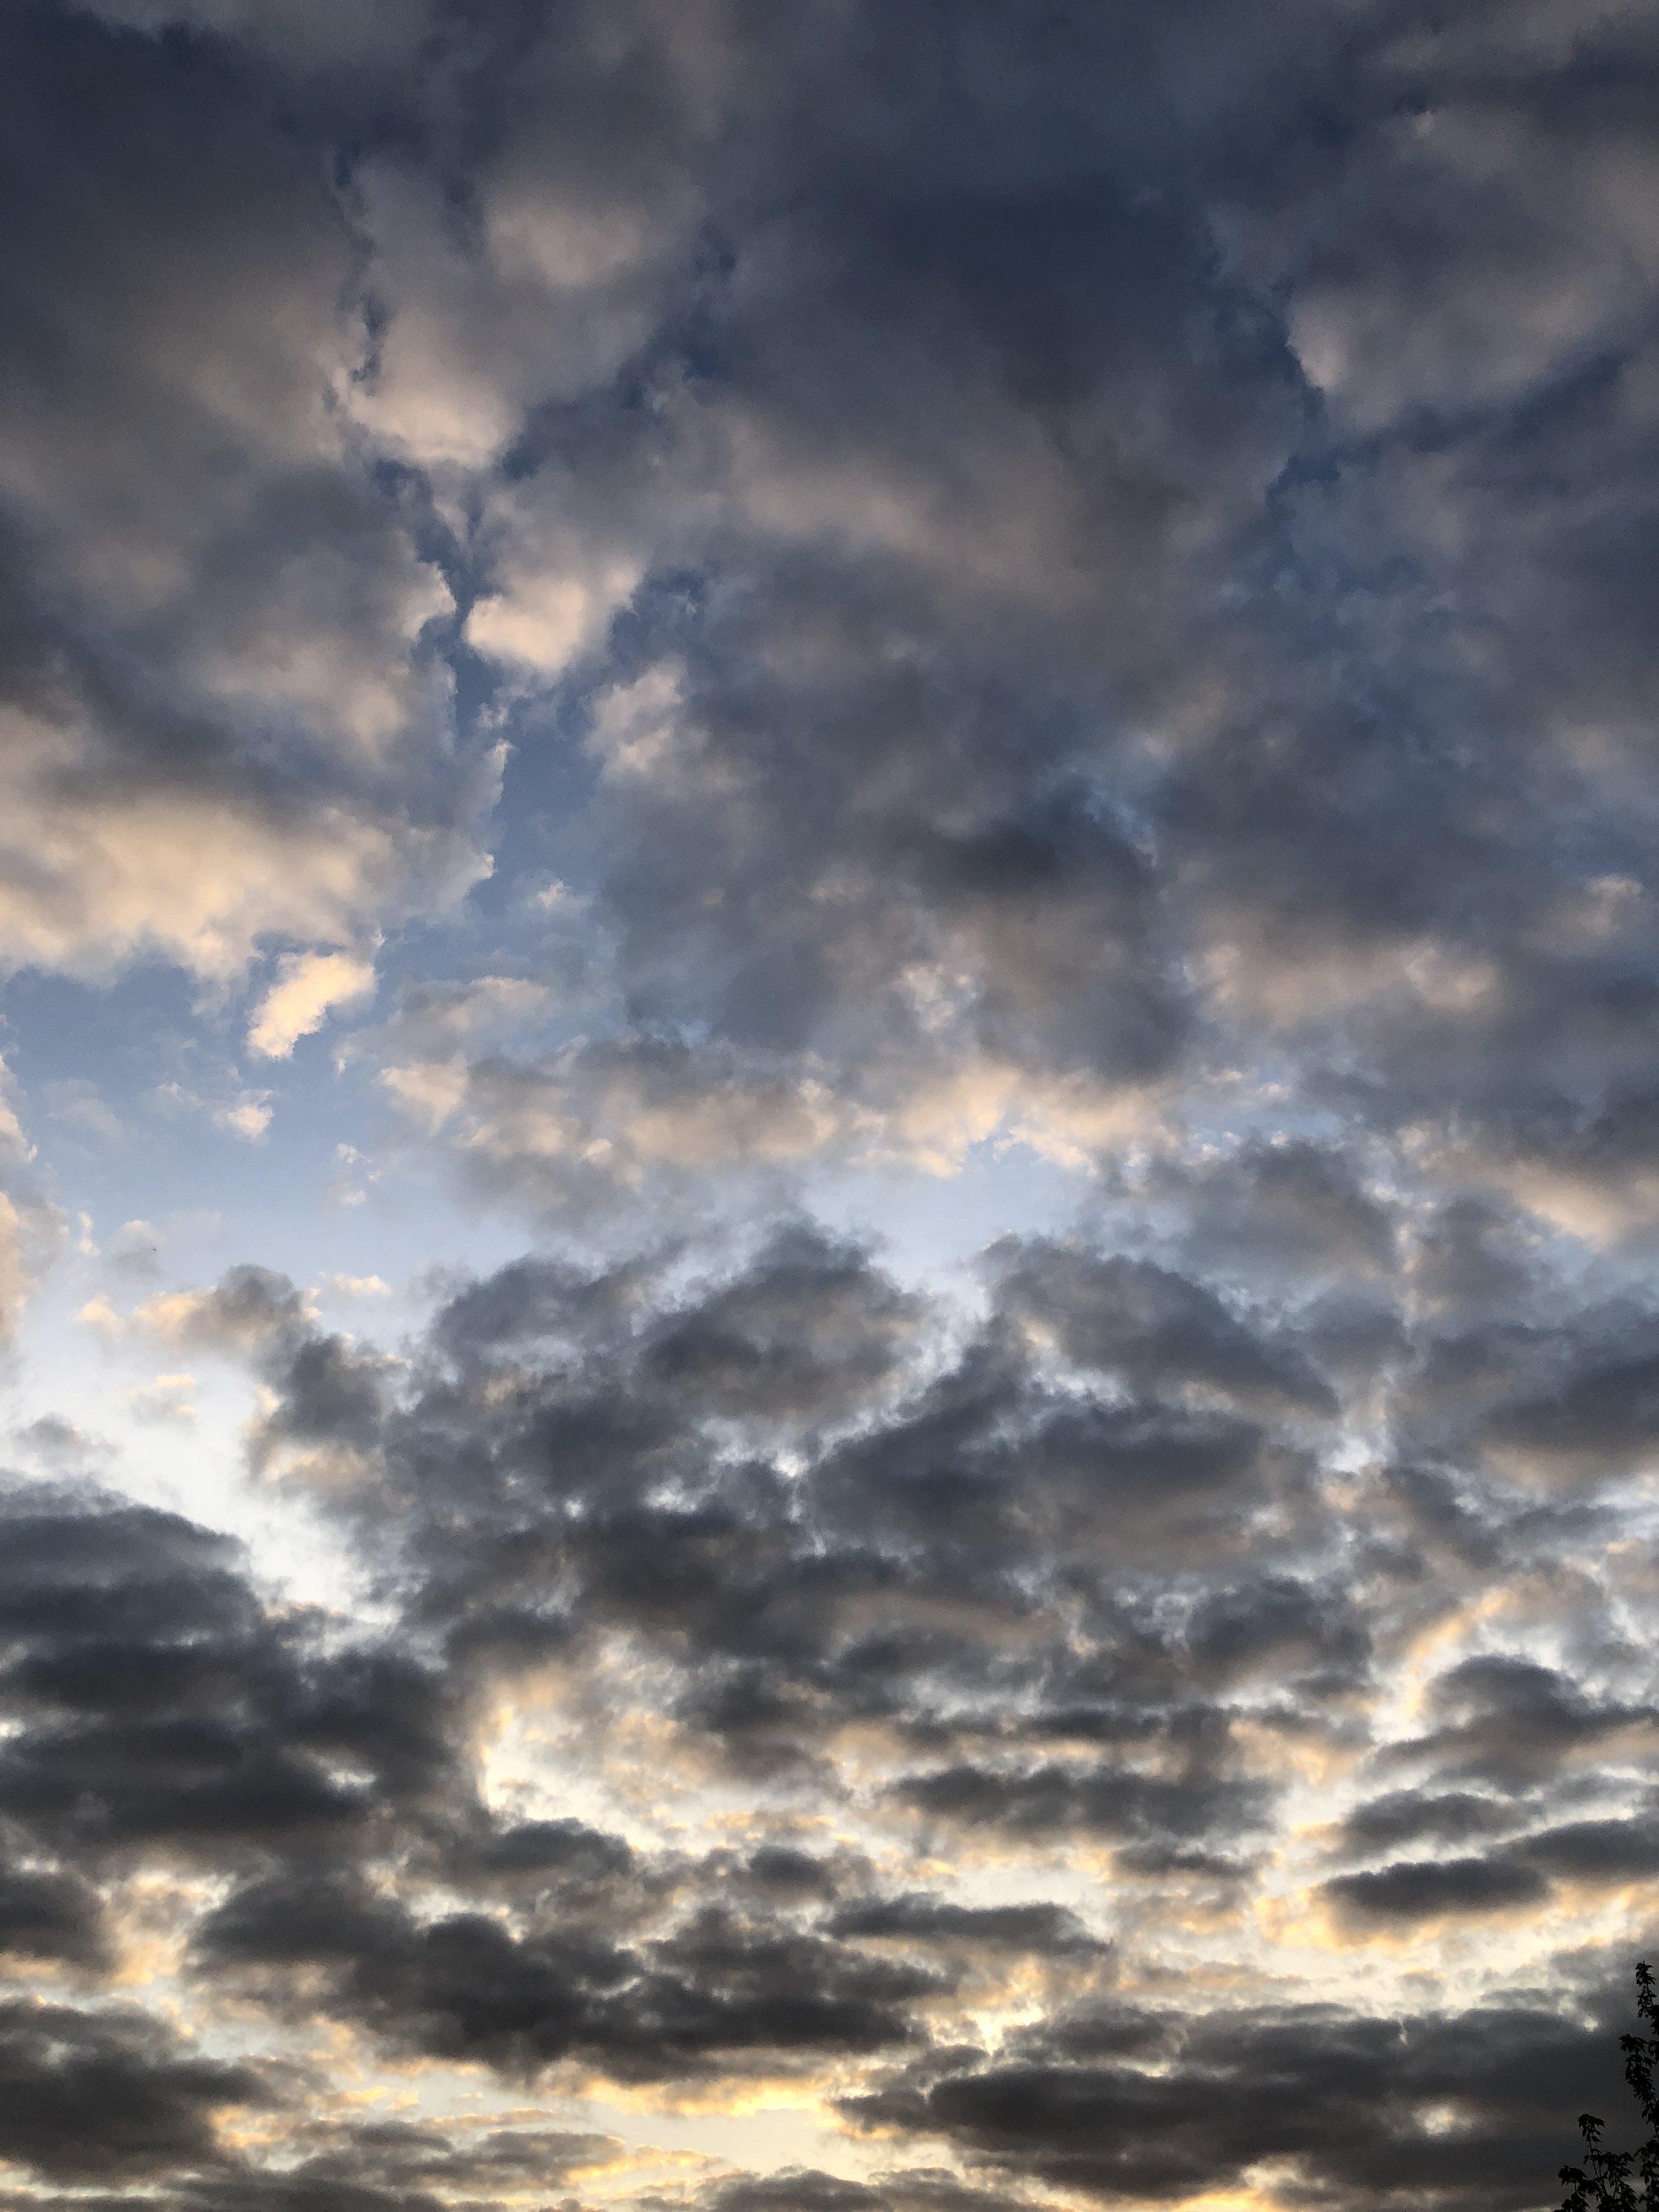 Glimsen-clouds-sunrise.JPG